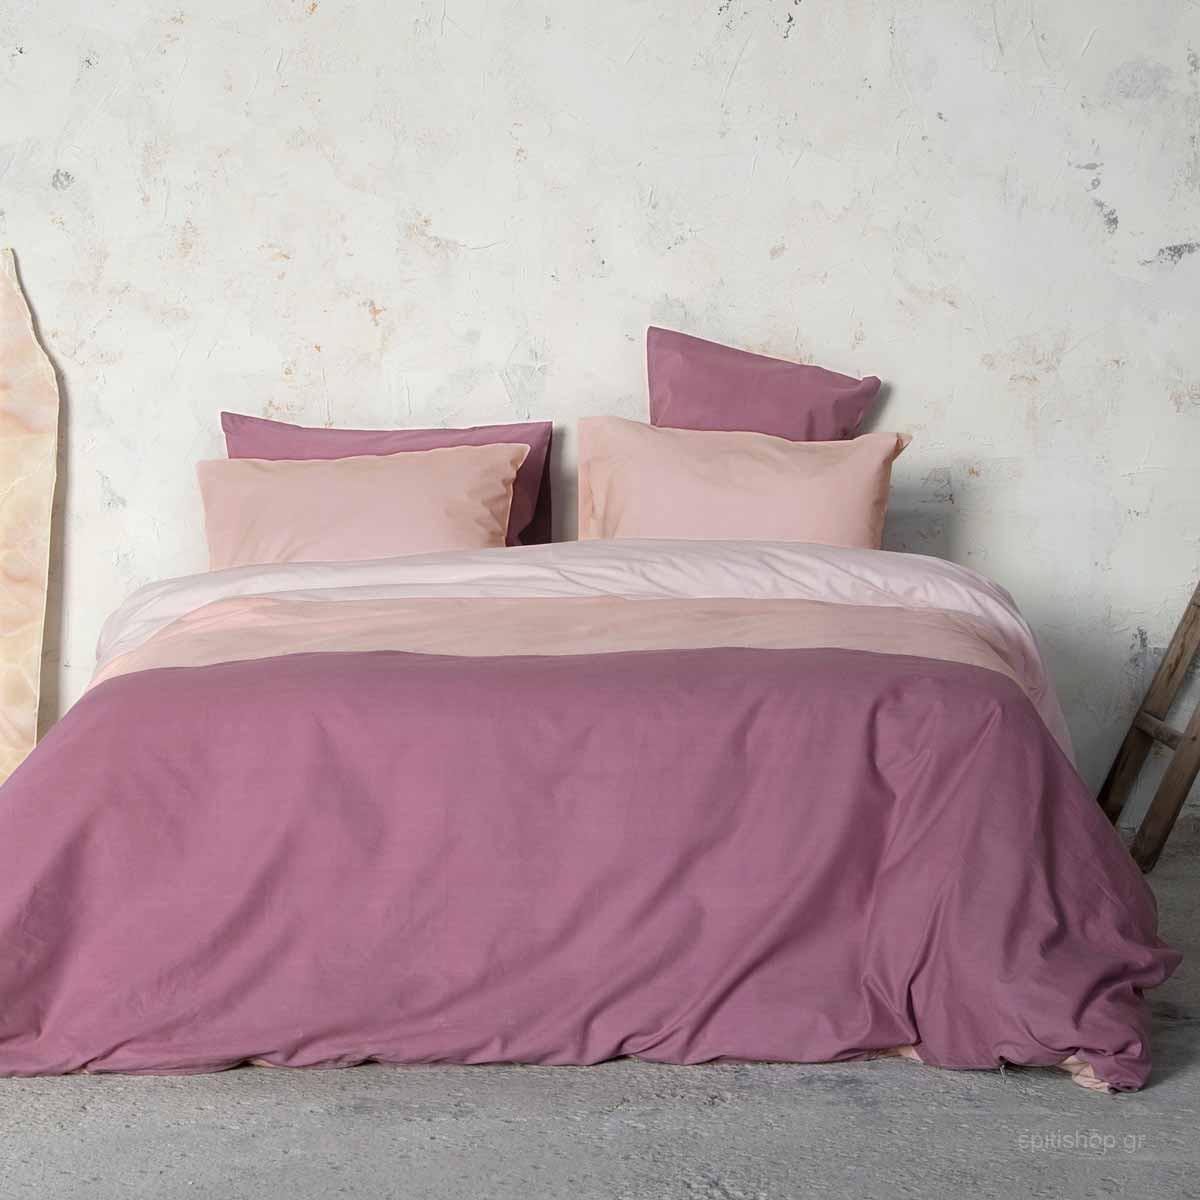 Παπλωματοθήκη Μονή Nima Bed Linen Latoya